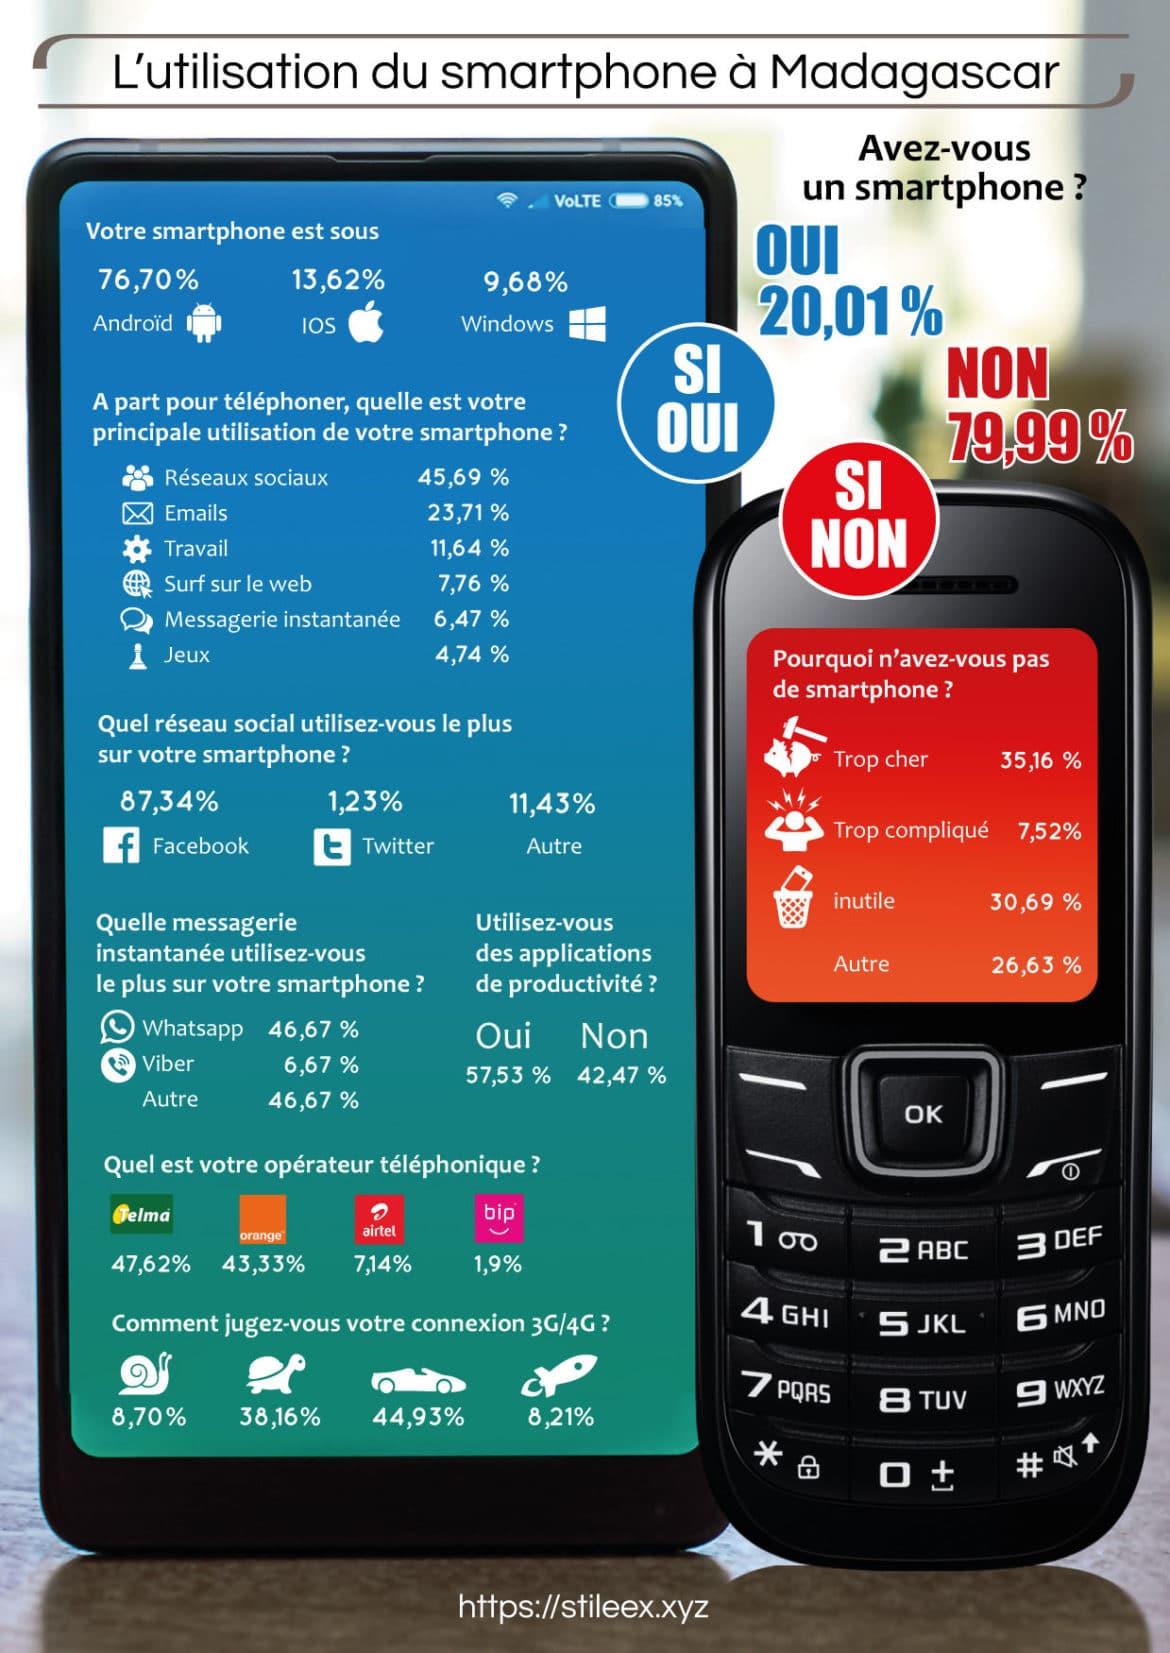 Sondage utilisation du smartphone à Madagascar